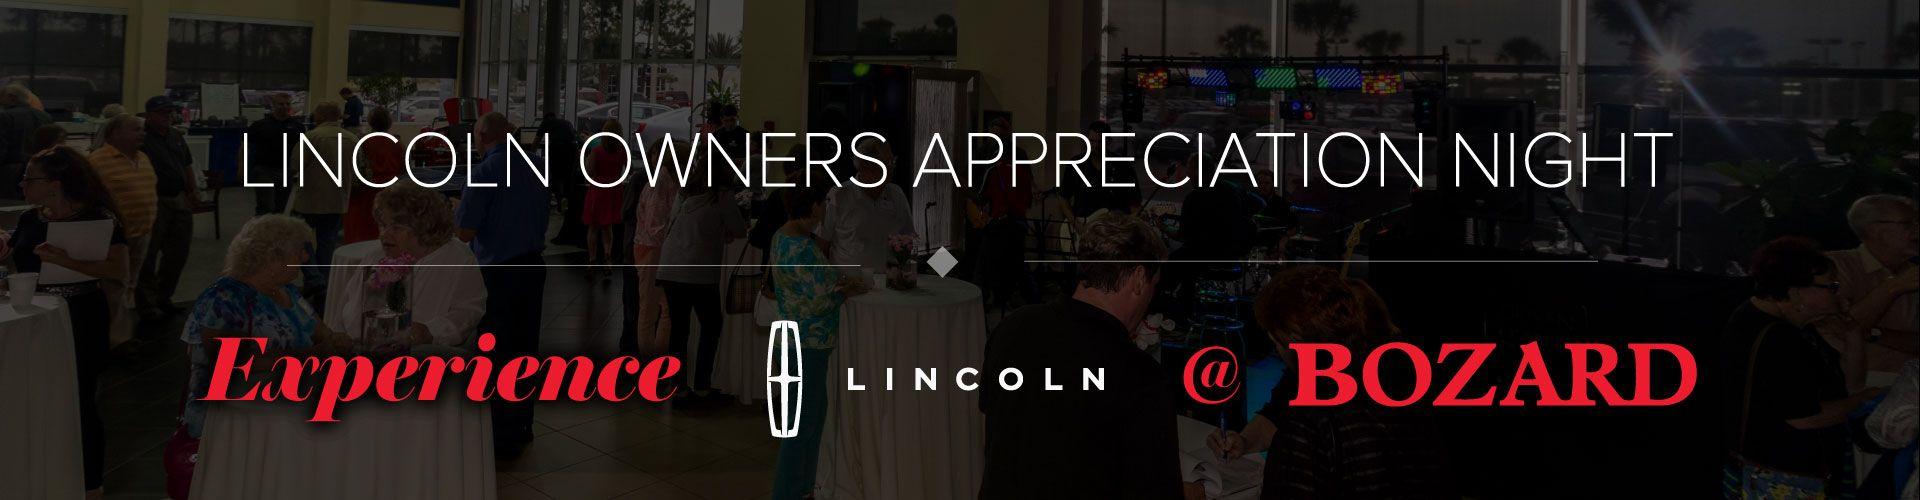 Lincoln owners appreciate night from Bozard Lincoln